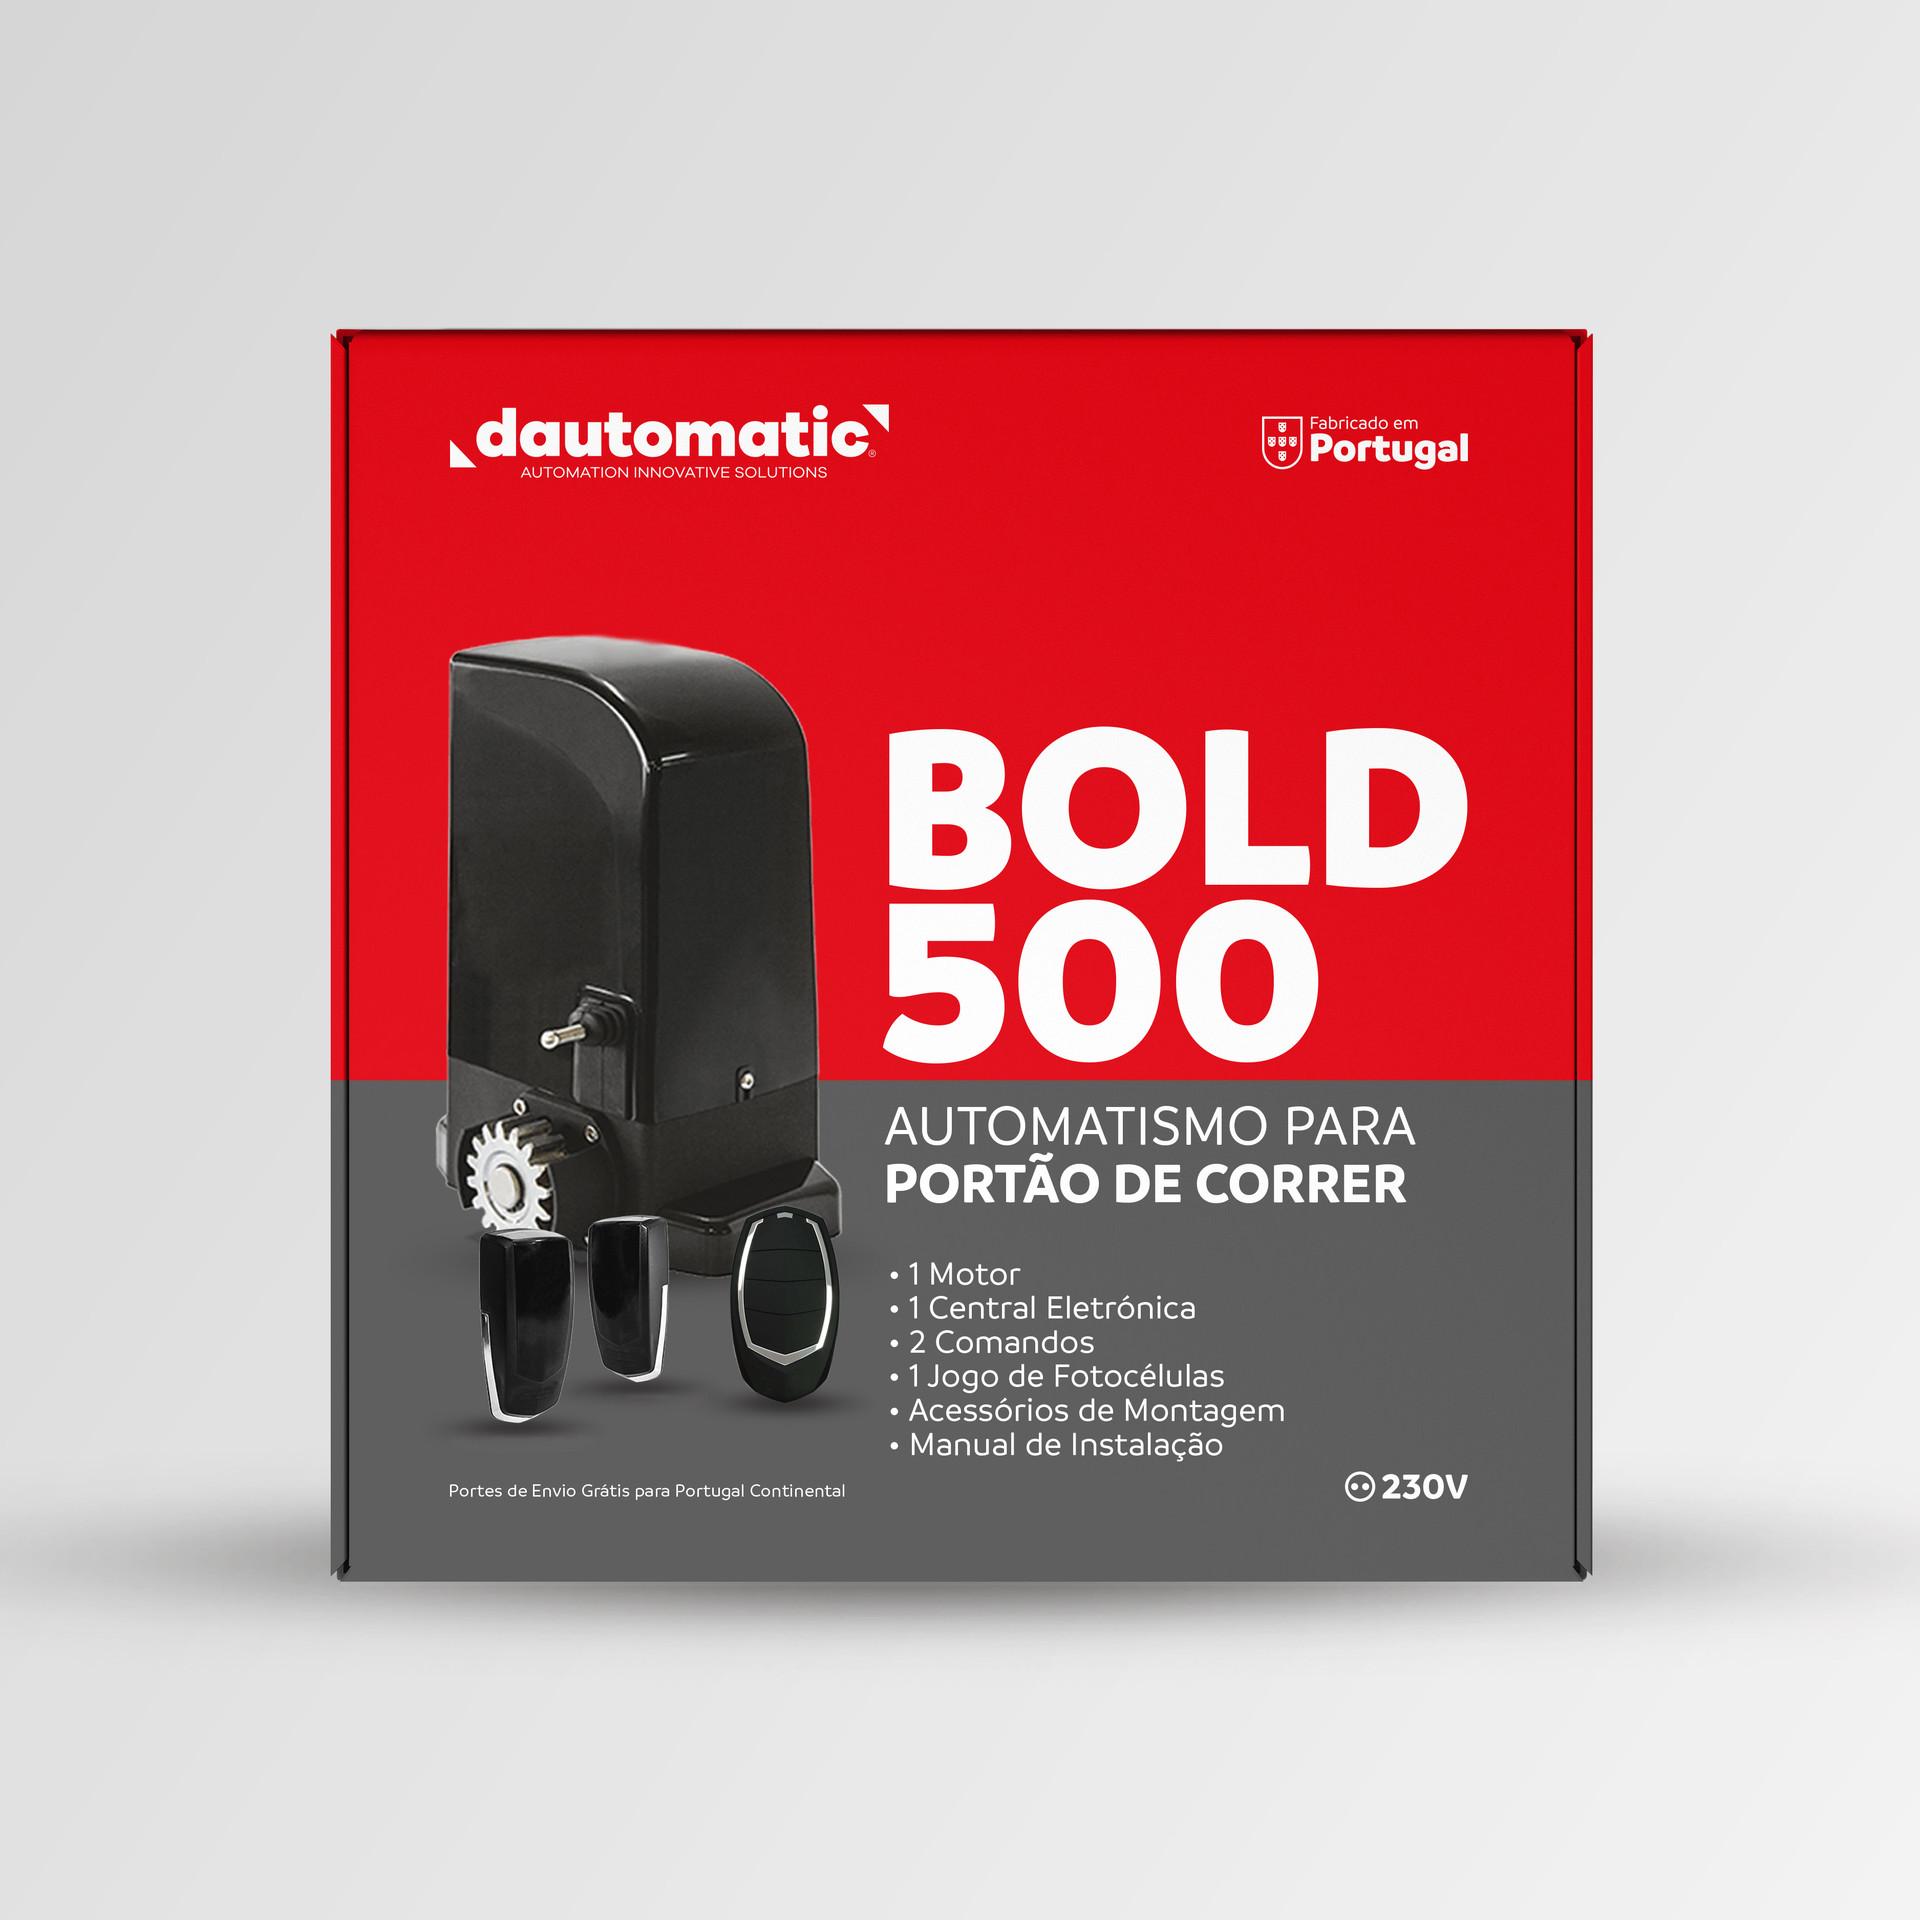 Dautomatic Bold 500